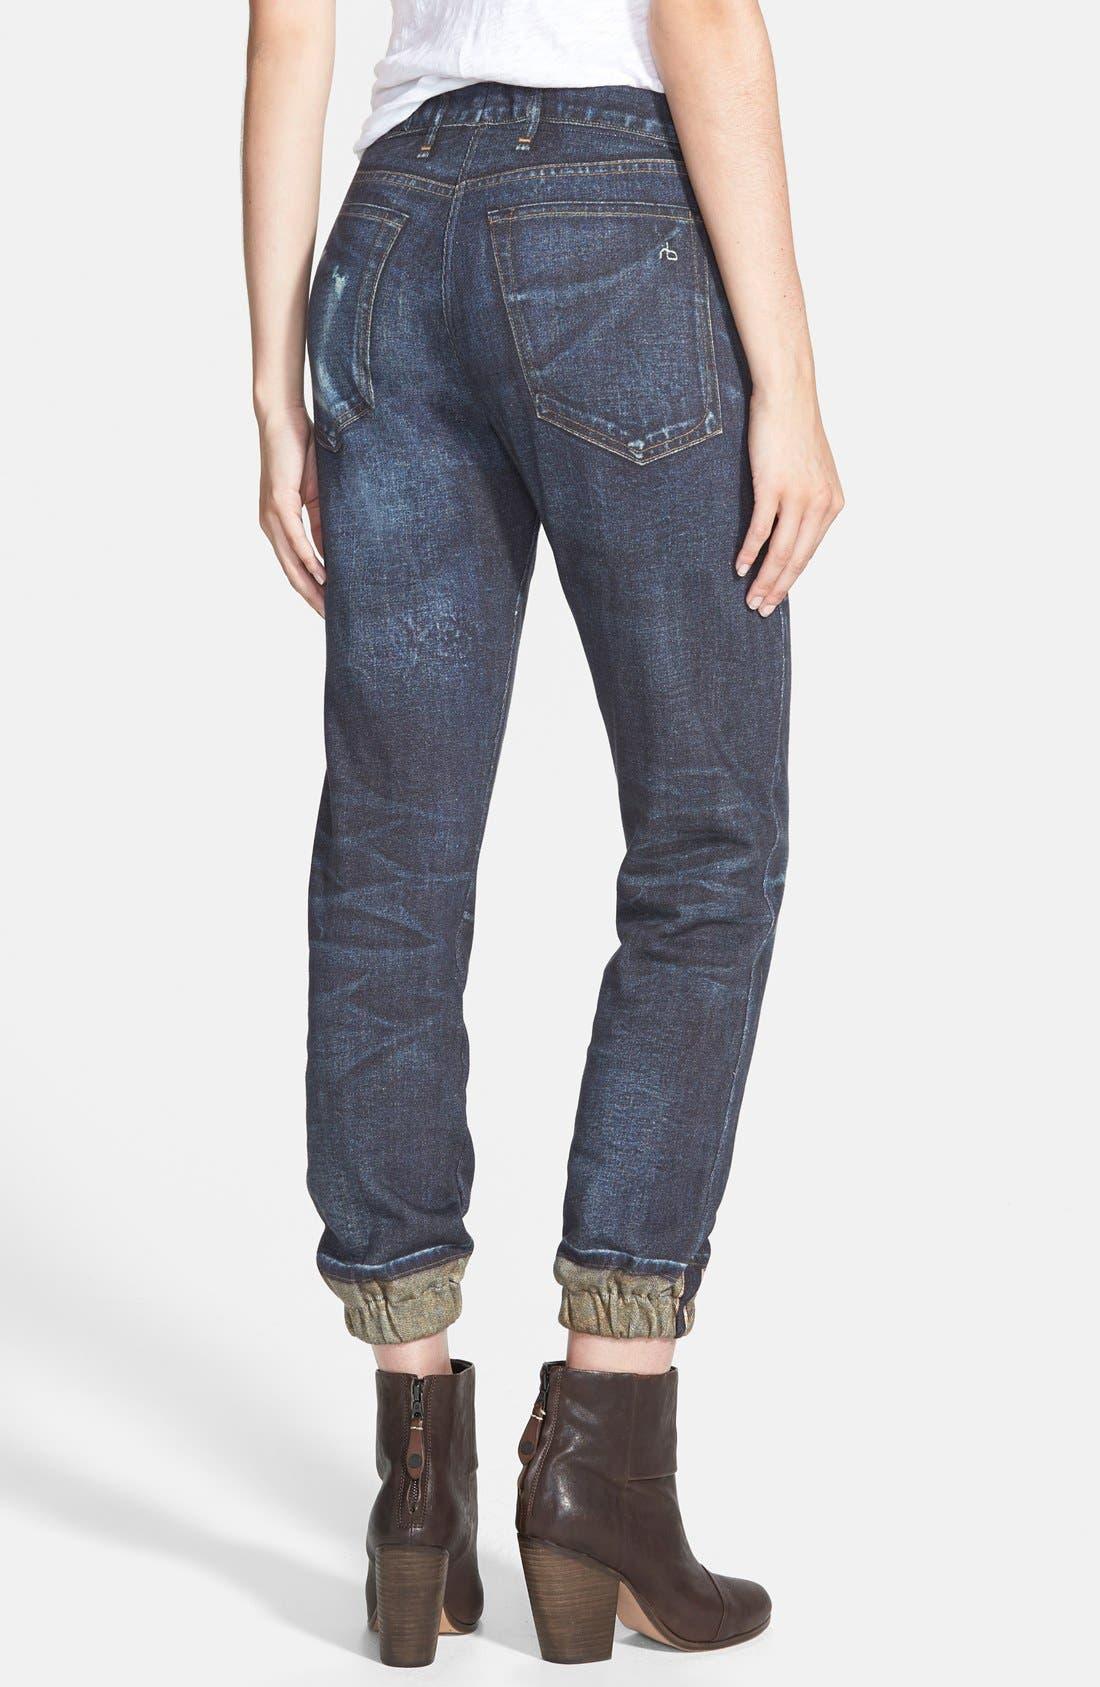 JEAN 'Pajama Jean' Print Sweatpants,                             Alternate thumbnail 3, color,                             404